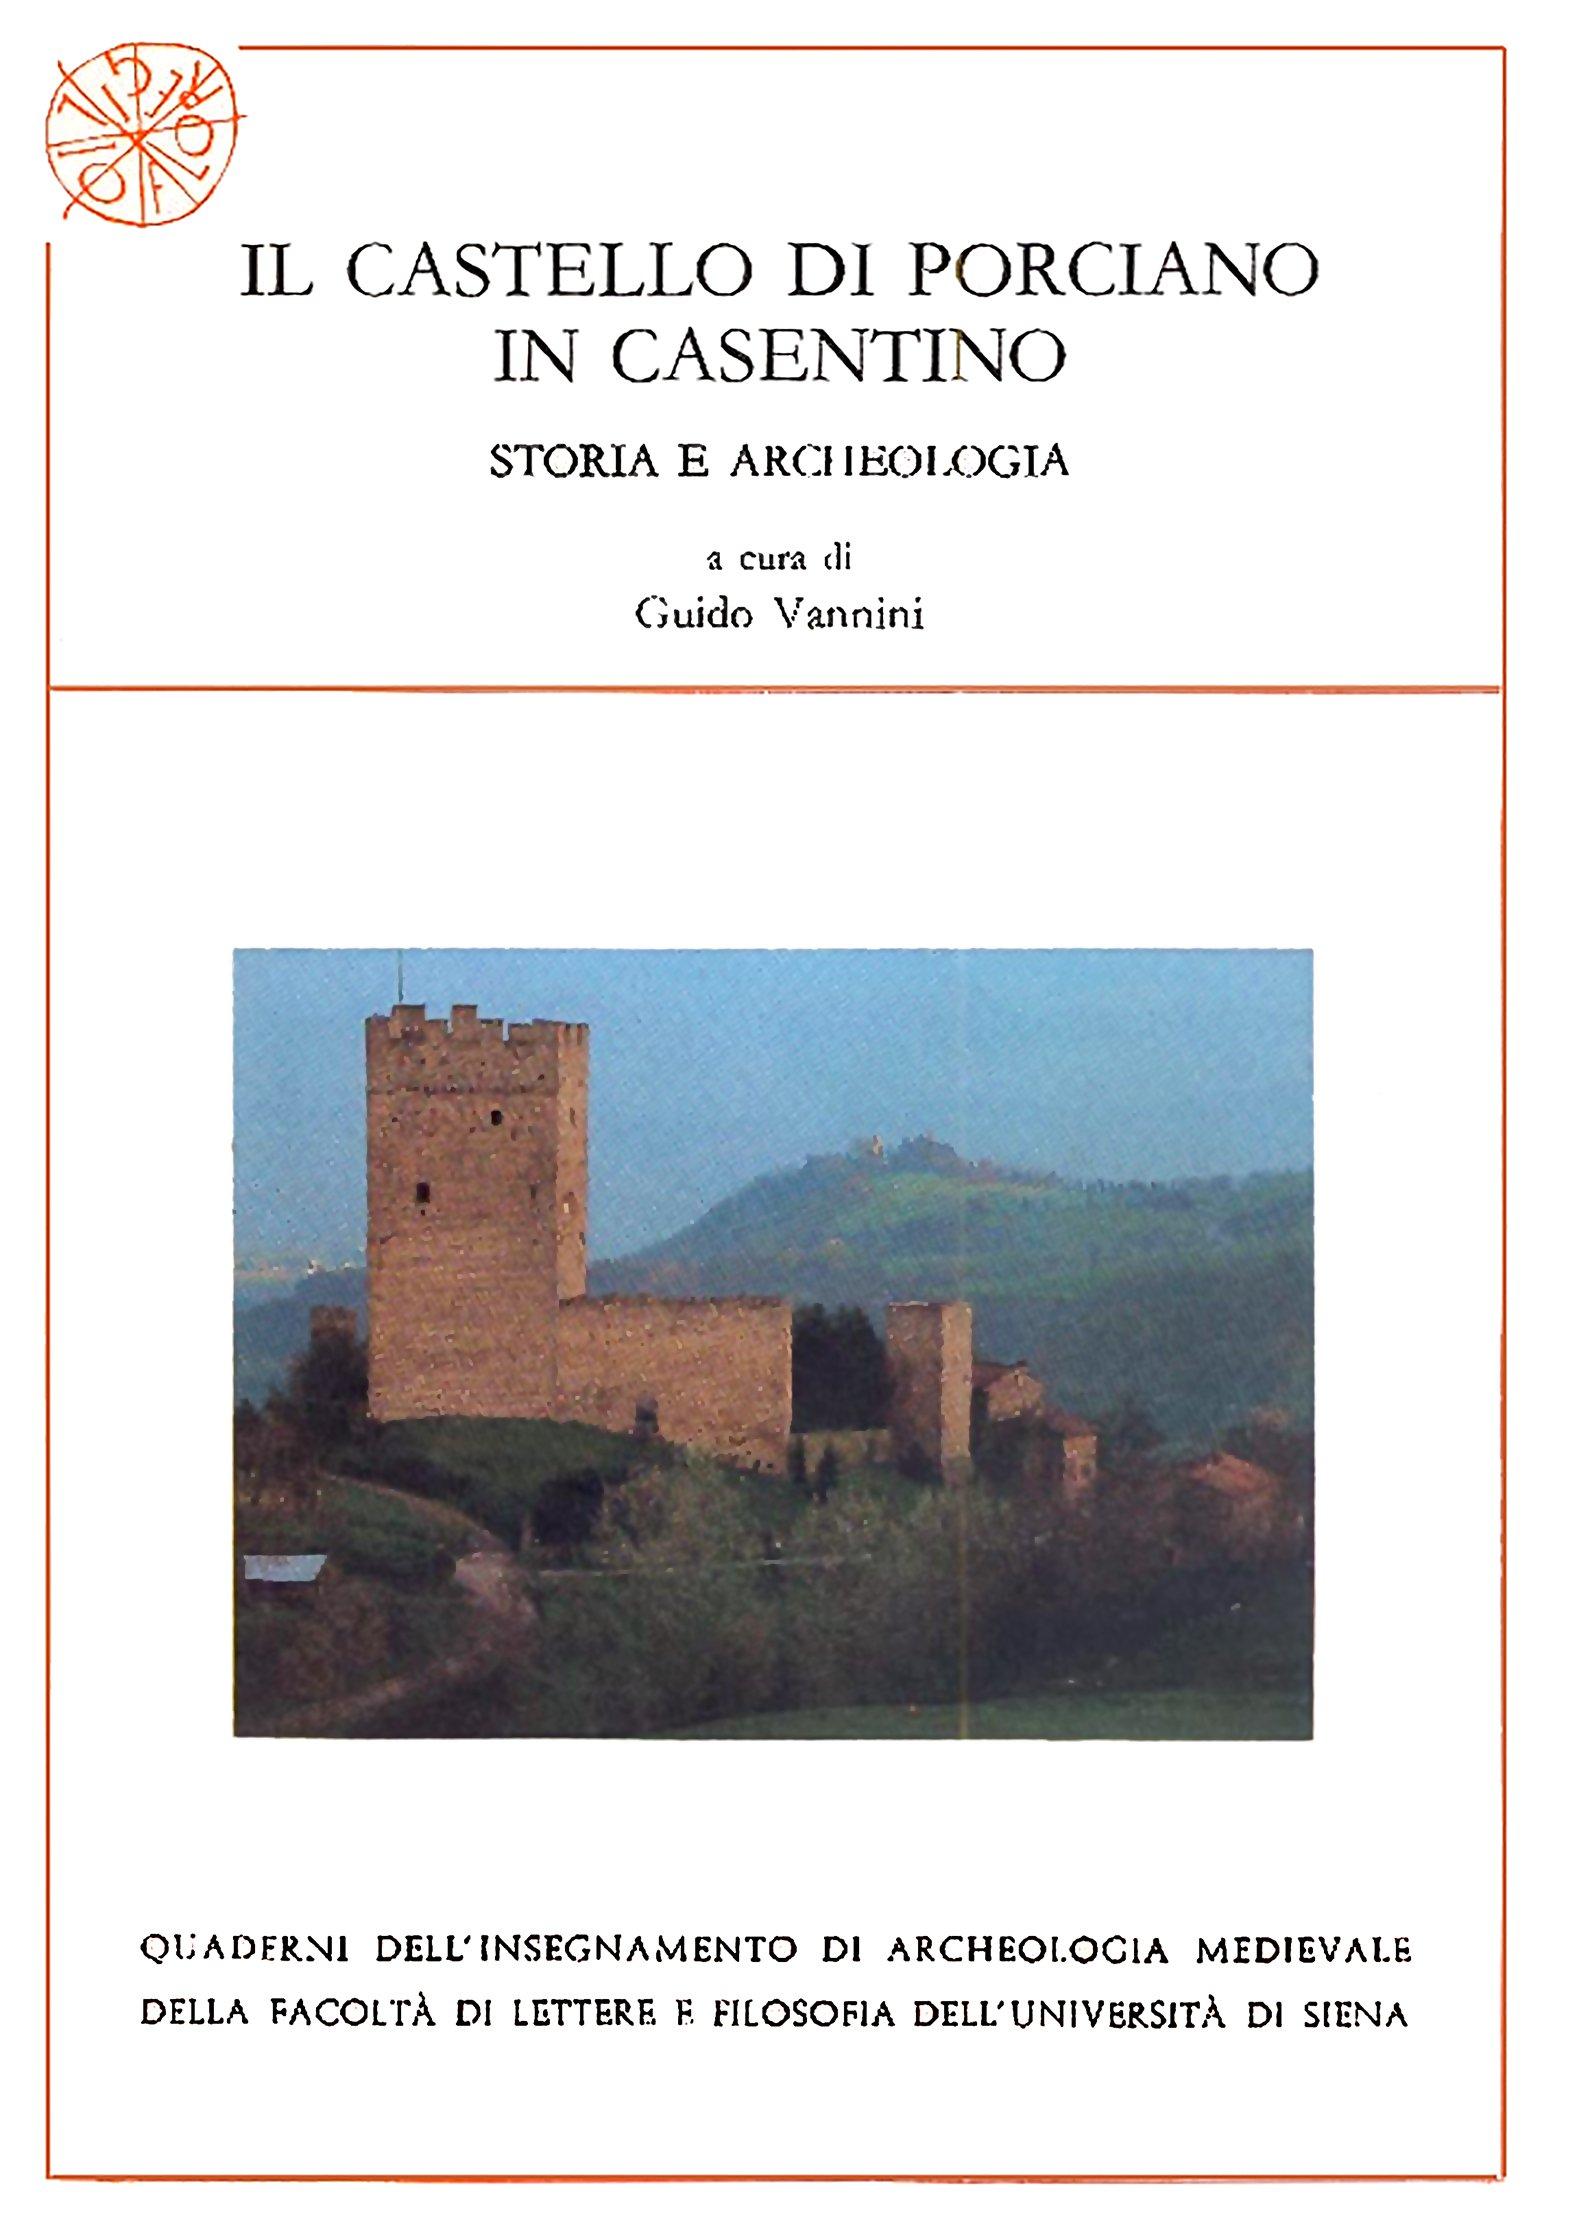 Il castello di Porciano in Casentino. Storia e archeologia